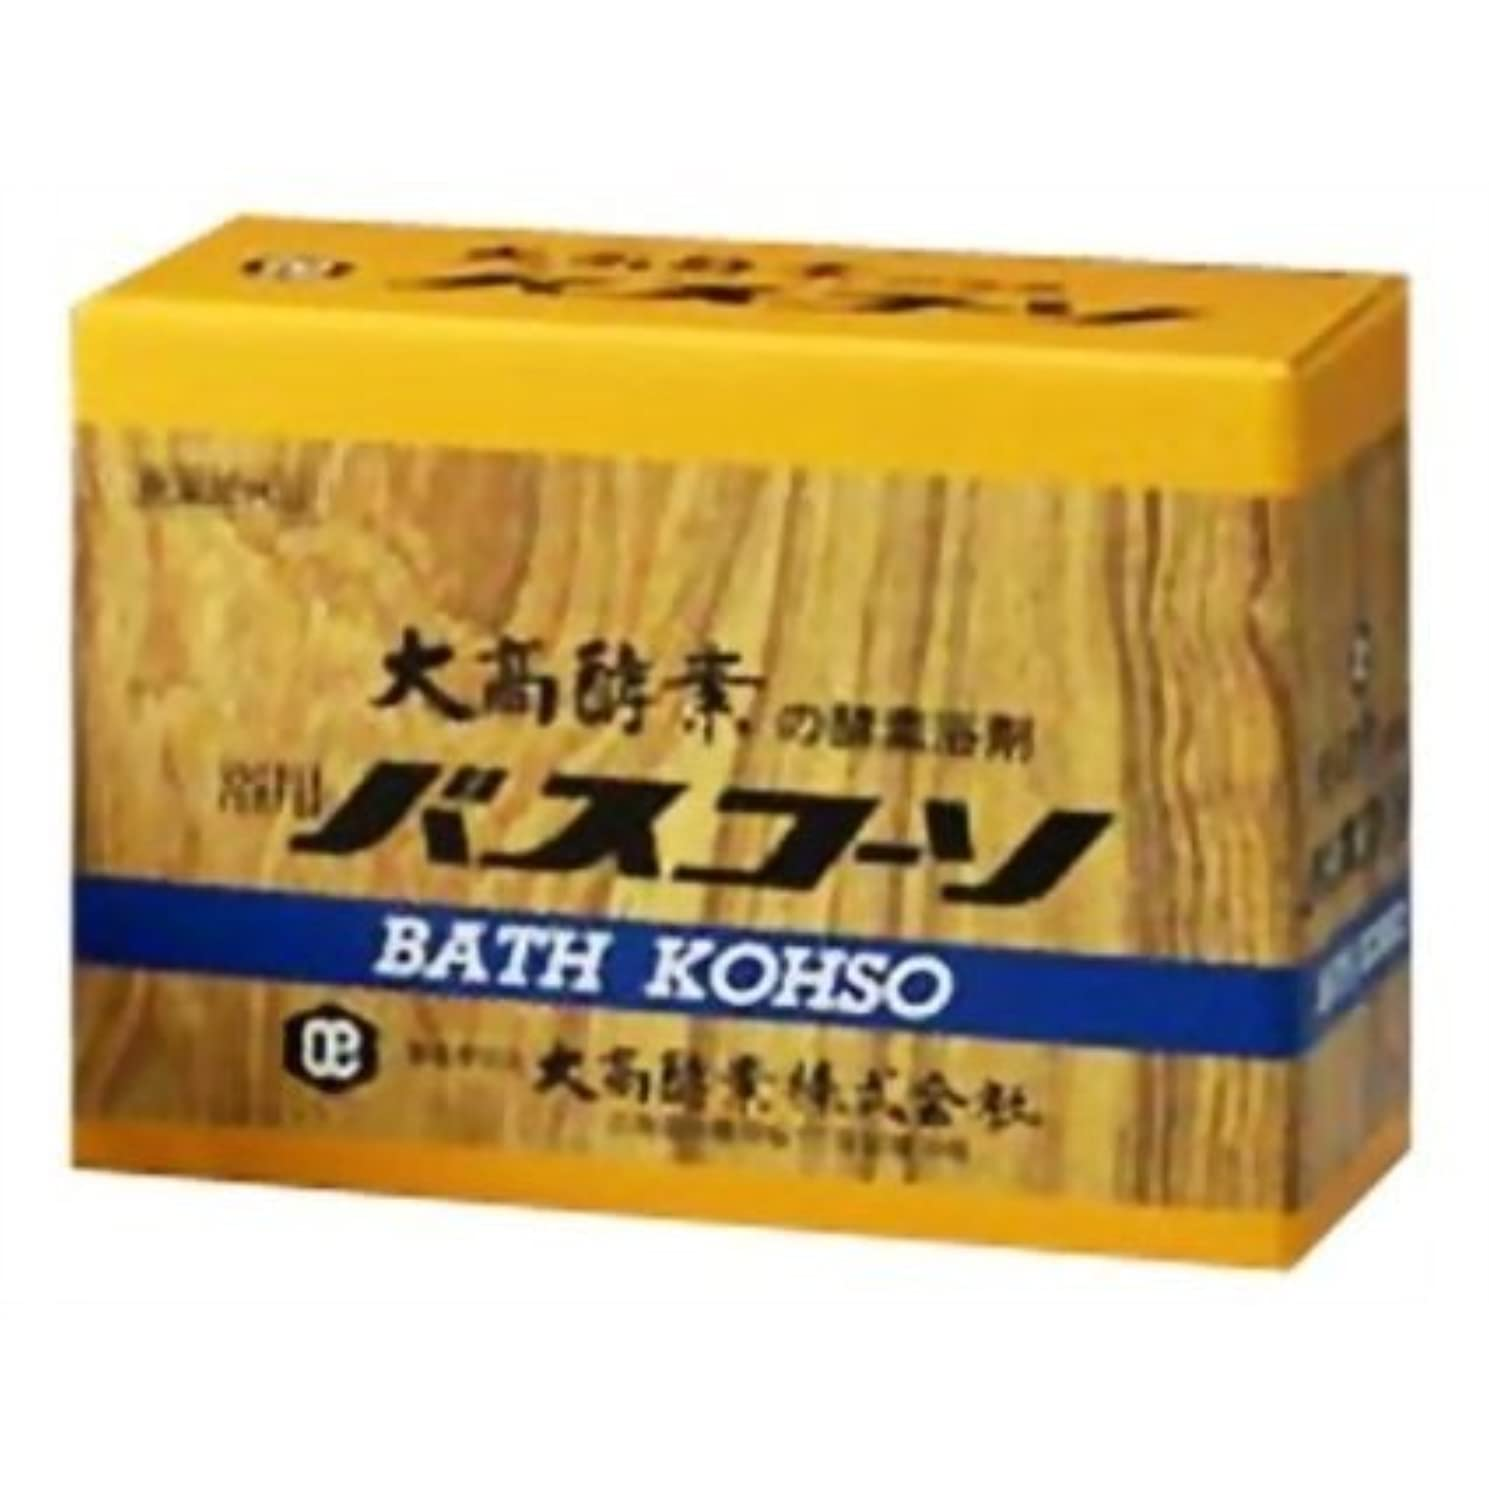 廃棄するはしご女優大高酵素 浴用バスコーソ 100gx6 【4個セット】